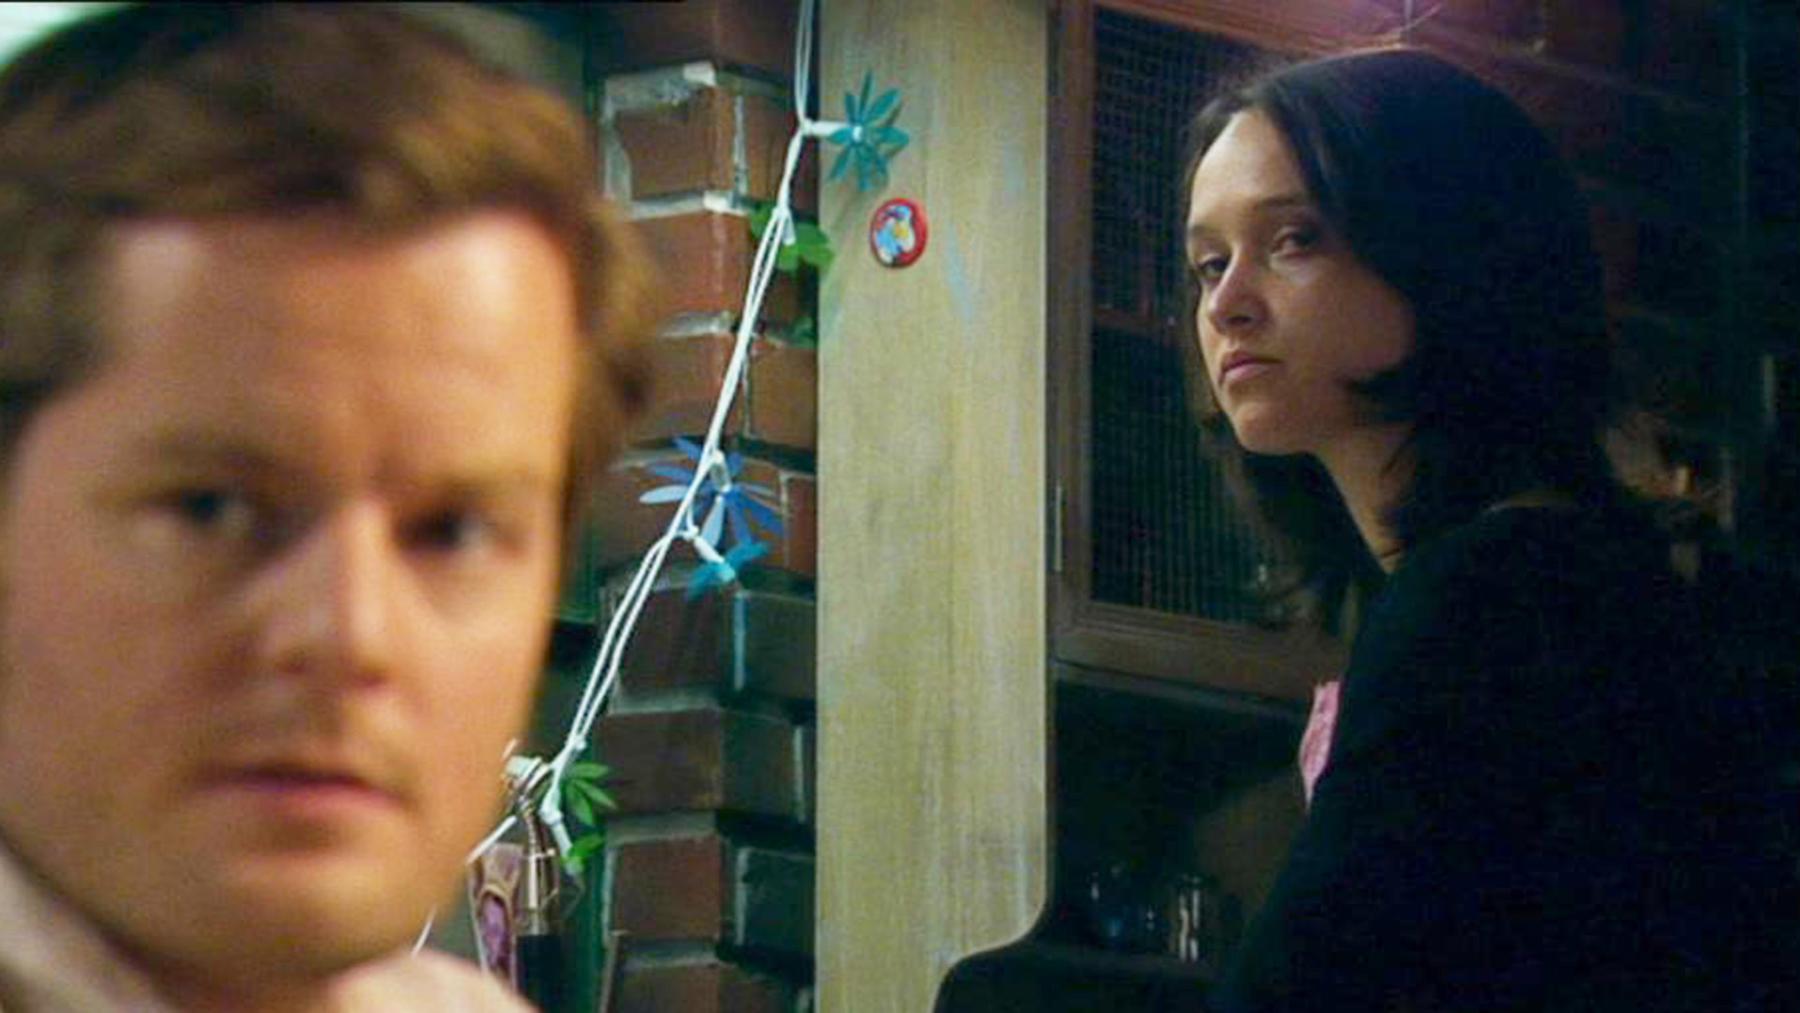 Ingos seltsames Verhalten macht Annette misstrauisch